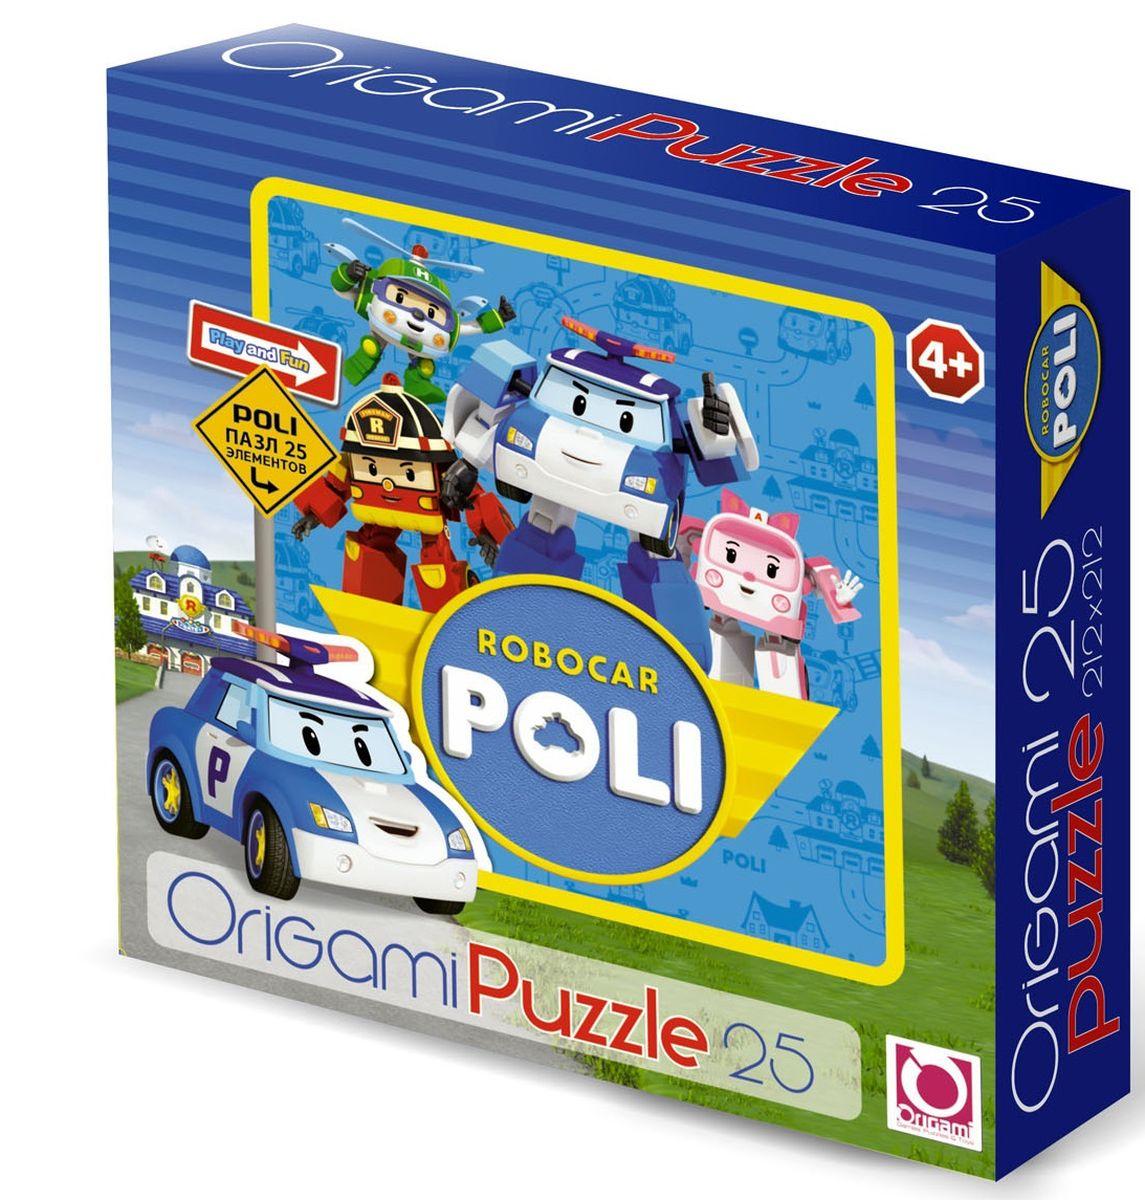 Оригами Пазл для малышей Robocar Poli 00165